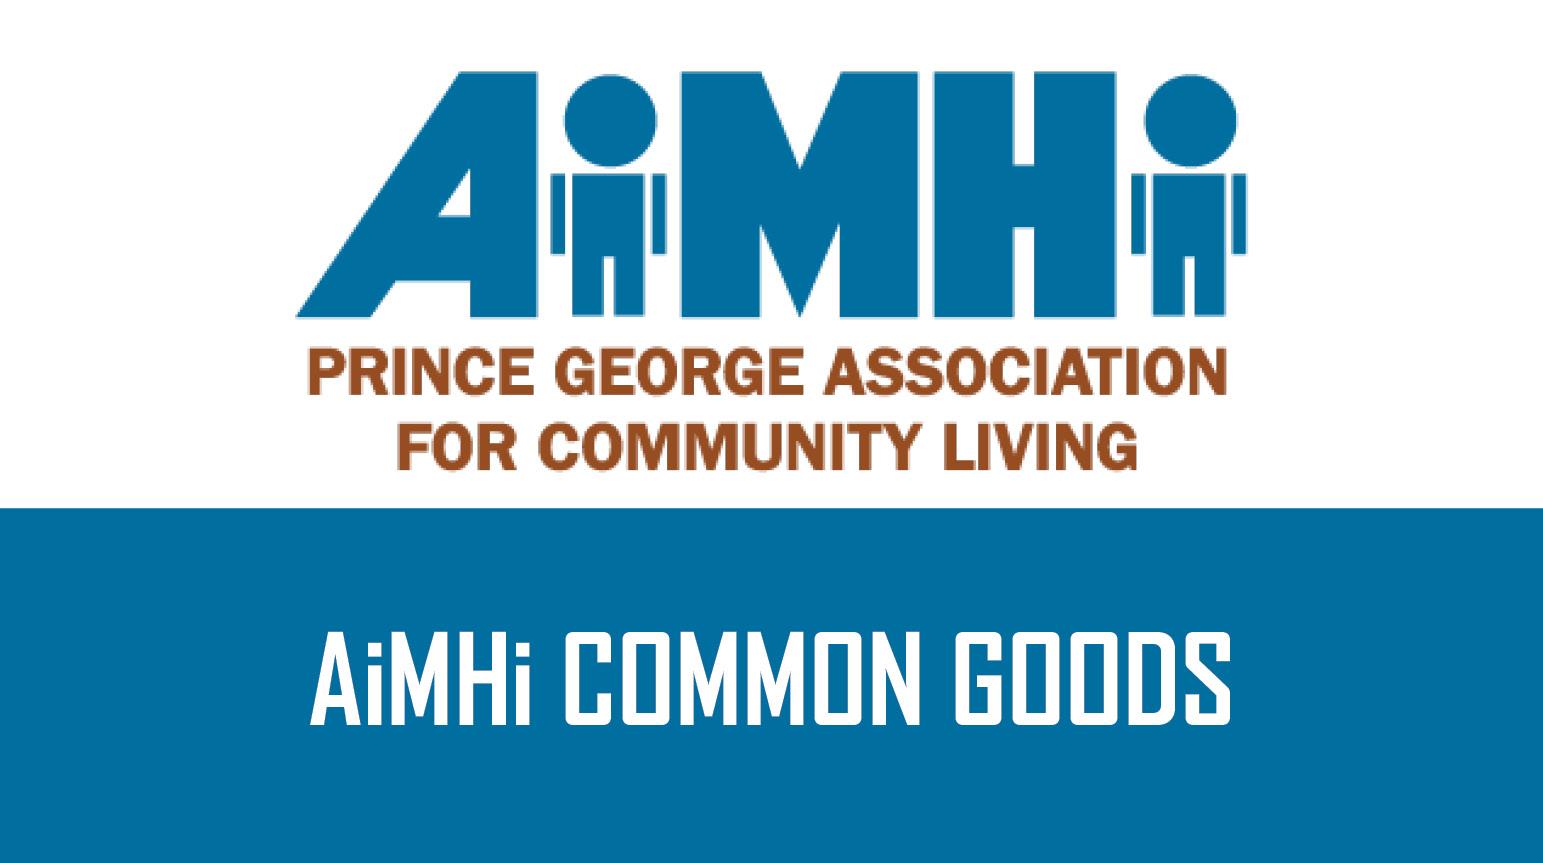 AimHi Fundraising